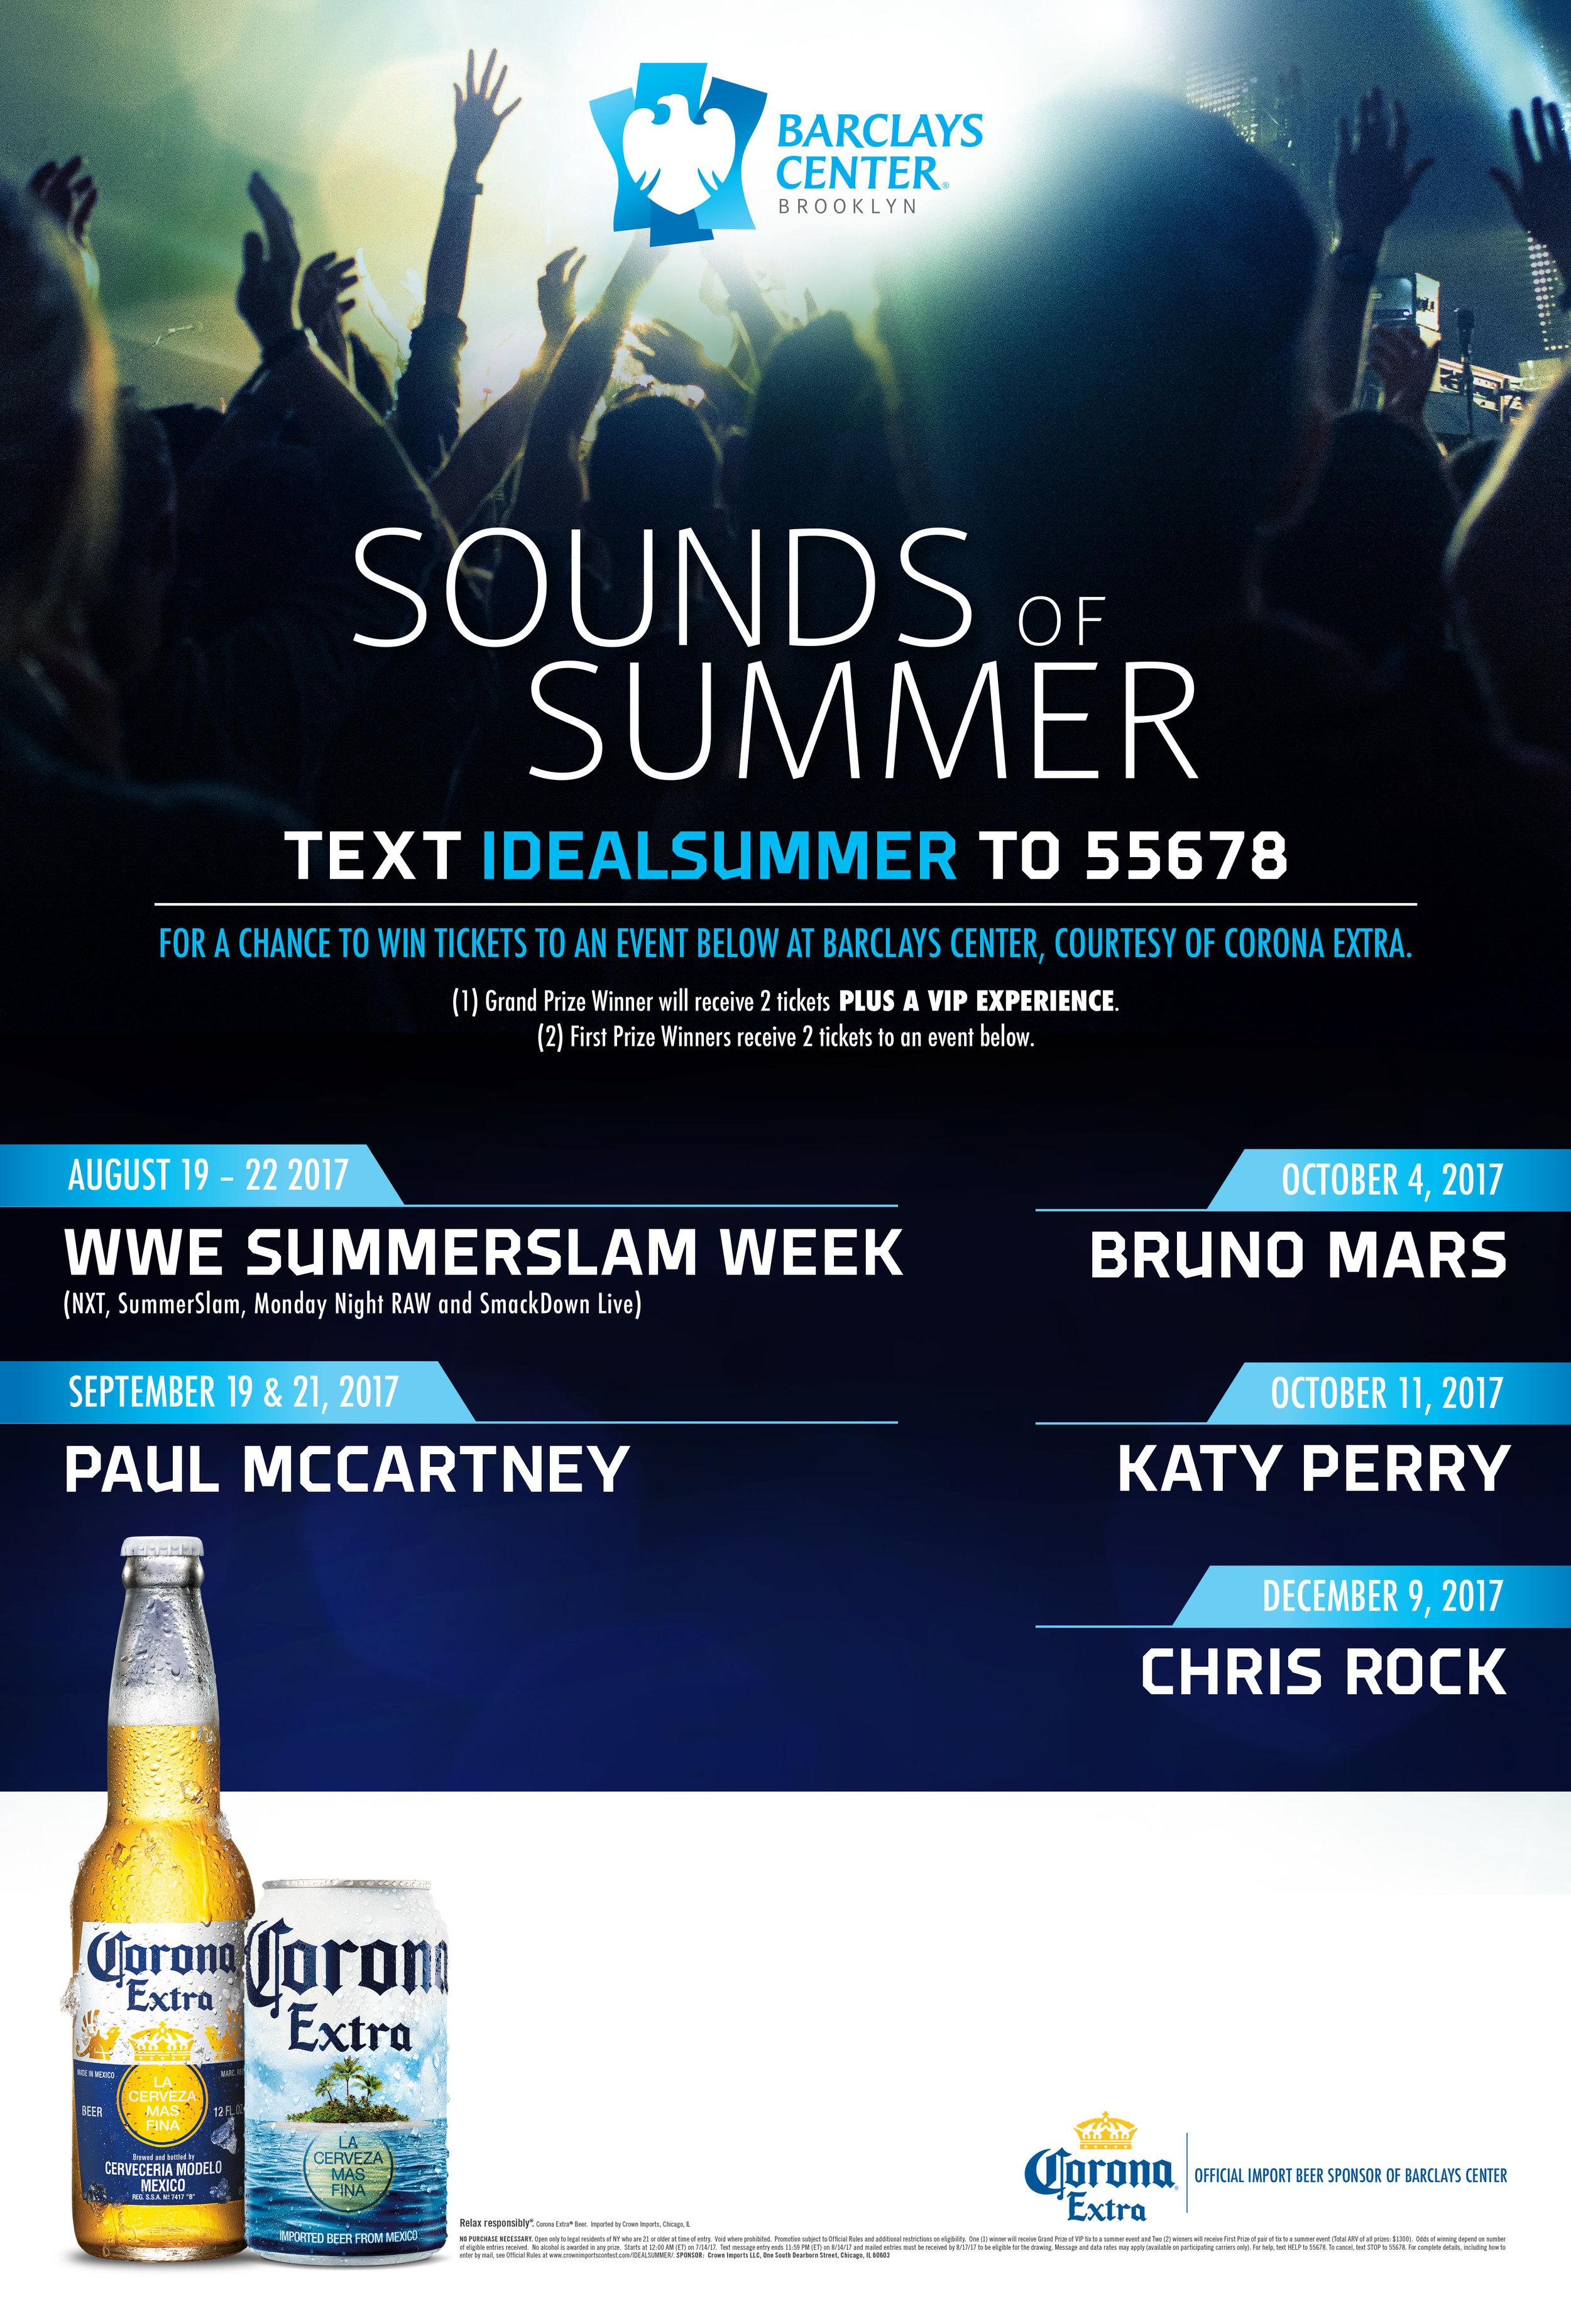 Corona_Barclays_SoundsOfSummer_Poster1_IDEALSUMMER.jpg